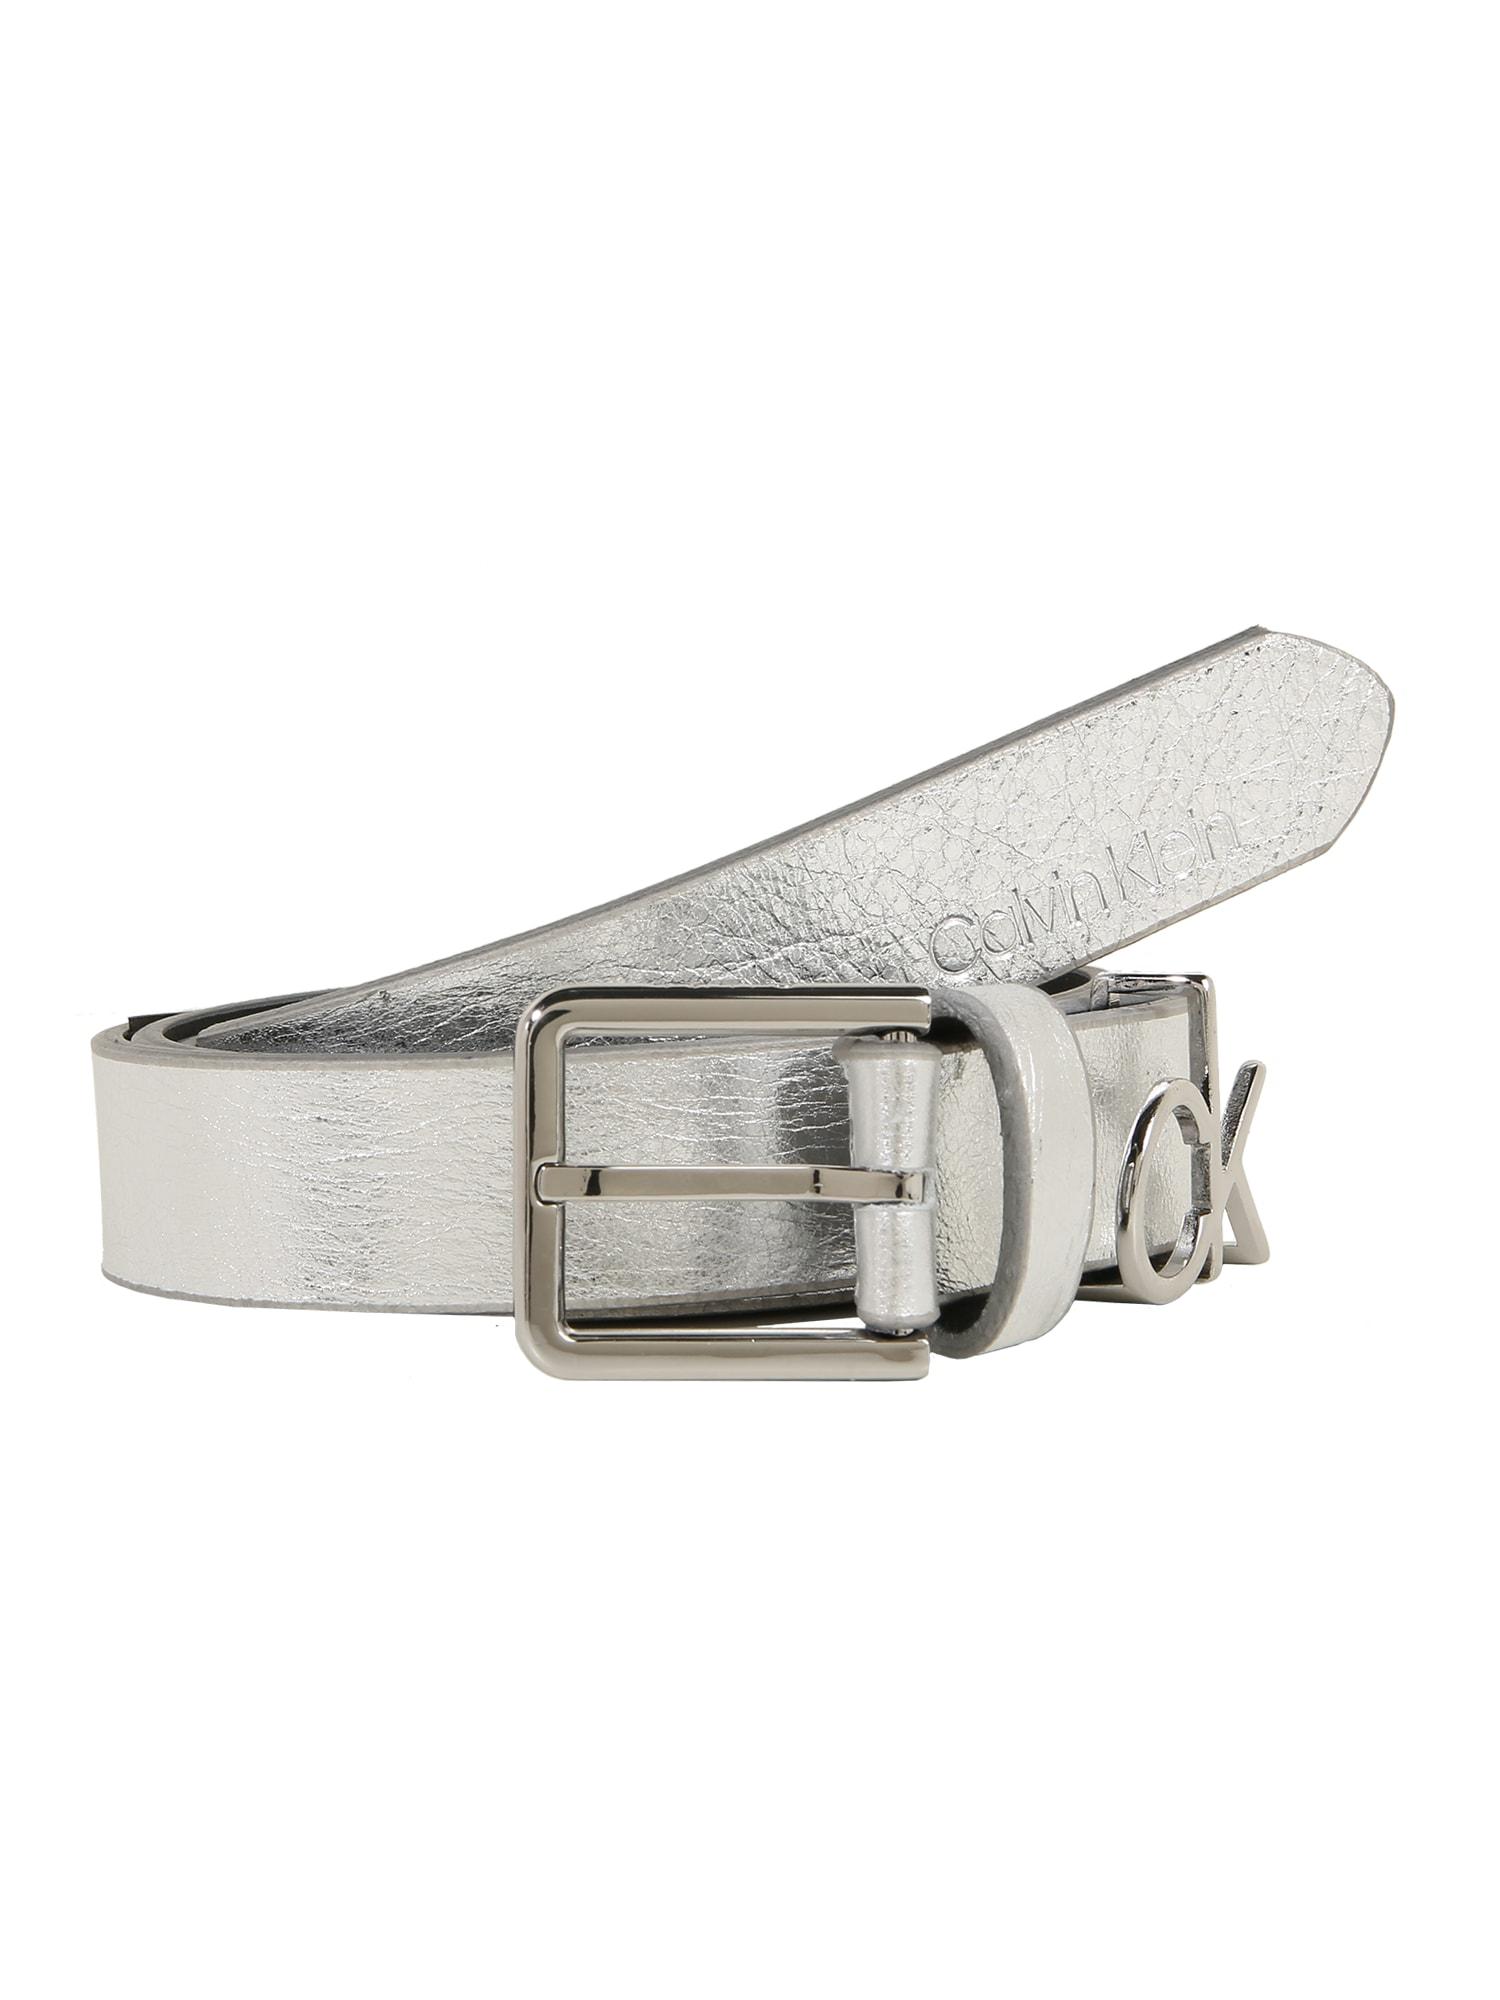 Opasek 2.5CM CK SLIDER BELT stříbrná Calvin Klein